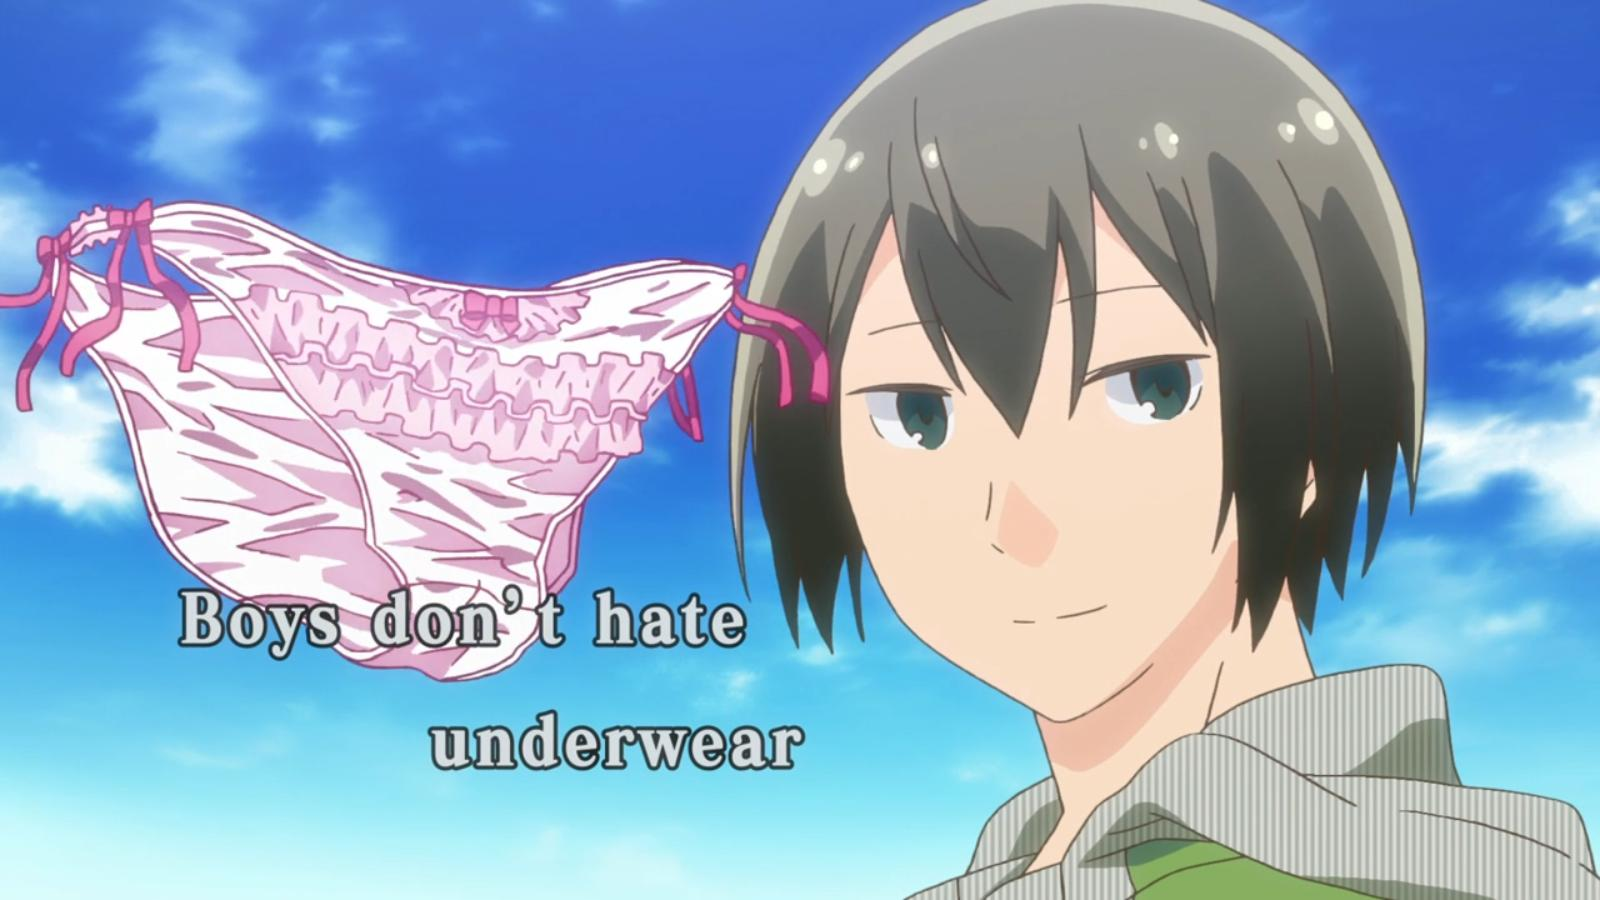 Boys Don T Hate Underwear Anime Sky Human Hair Color Cartoon Mangaka Forehead Black